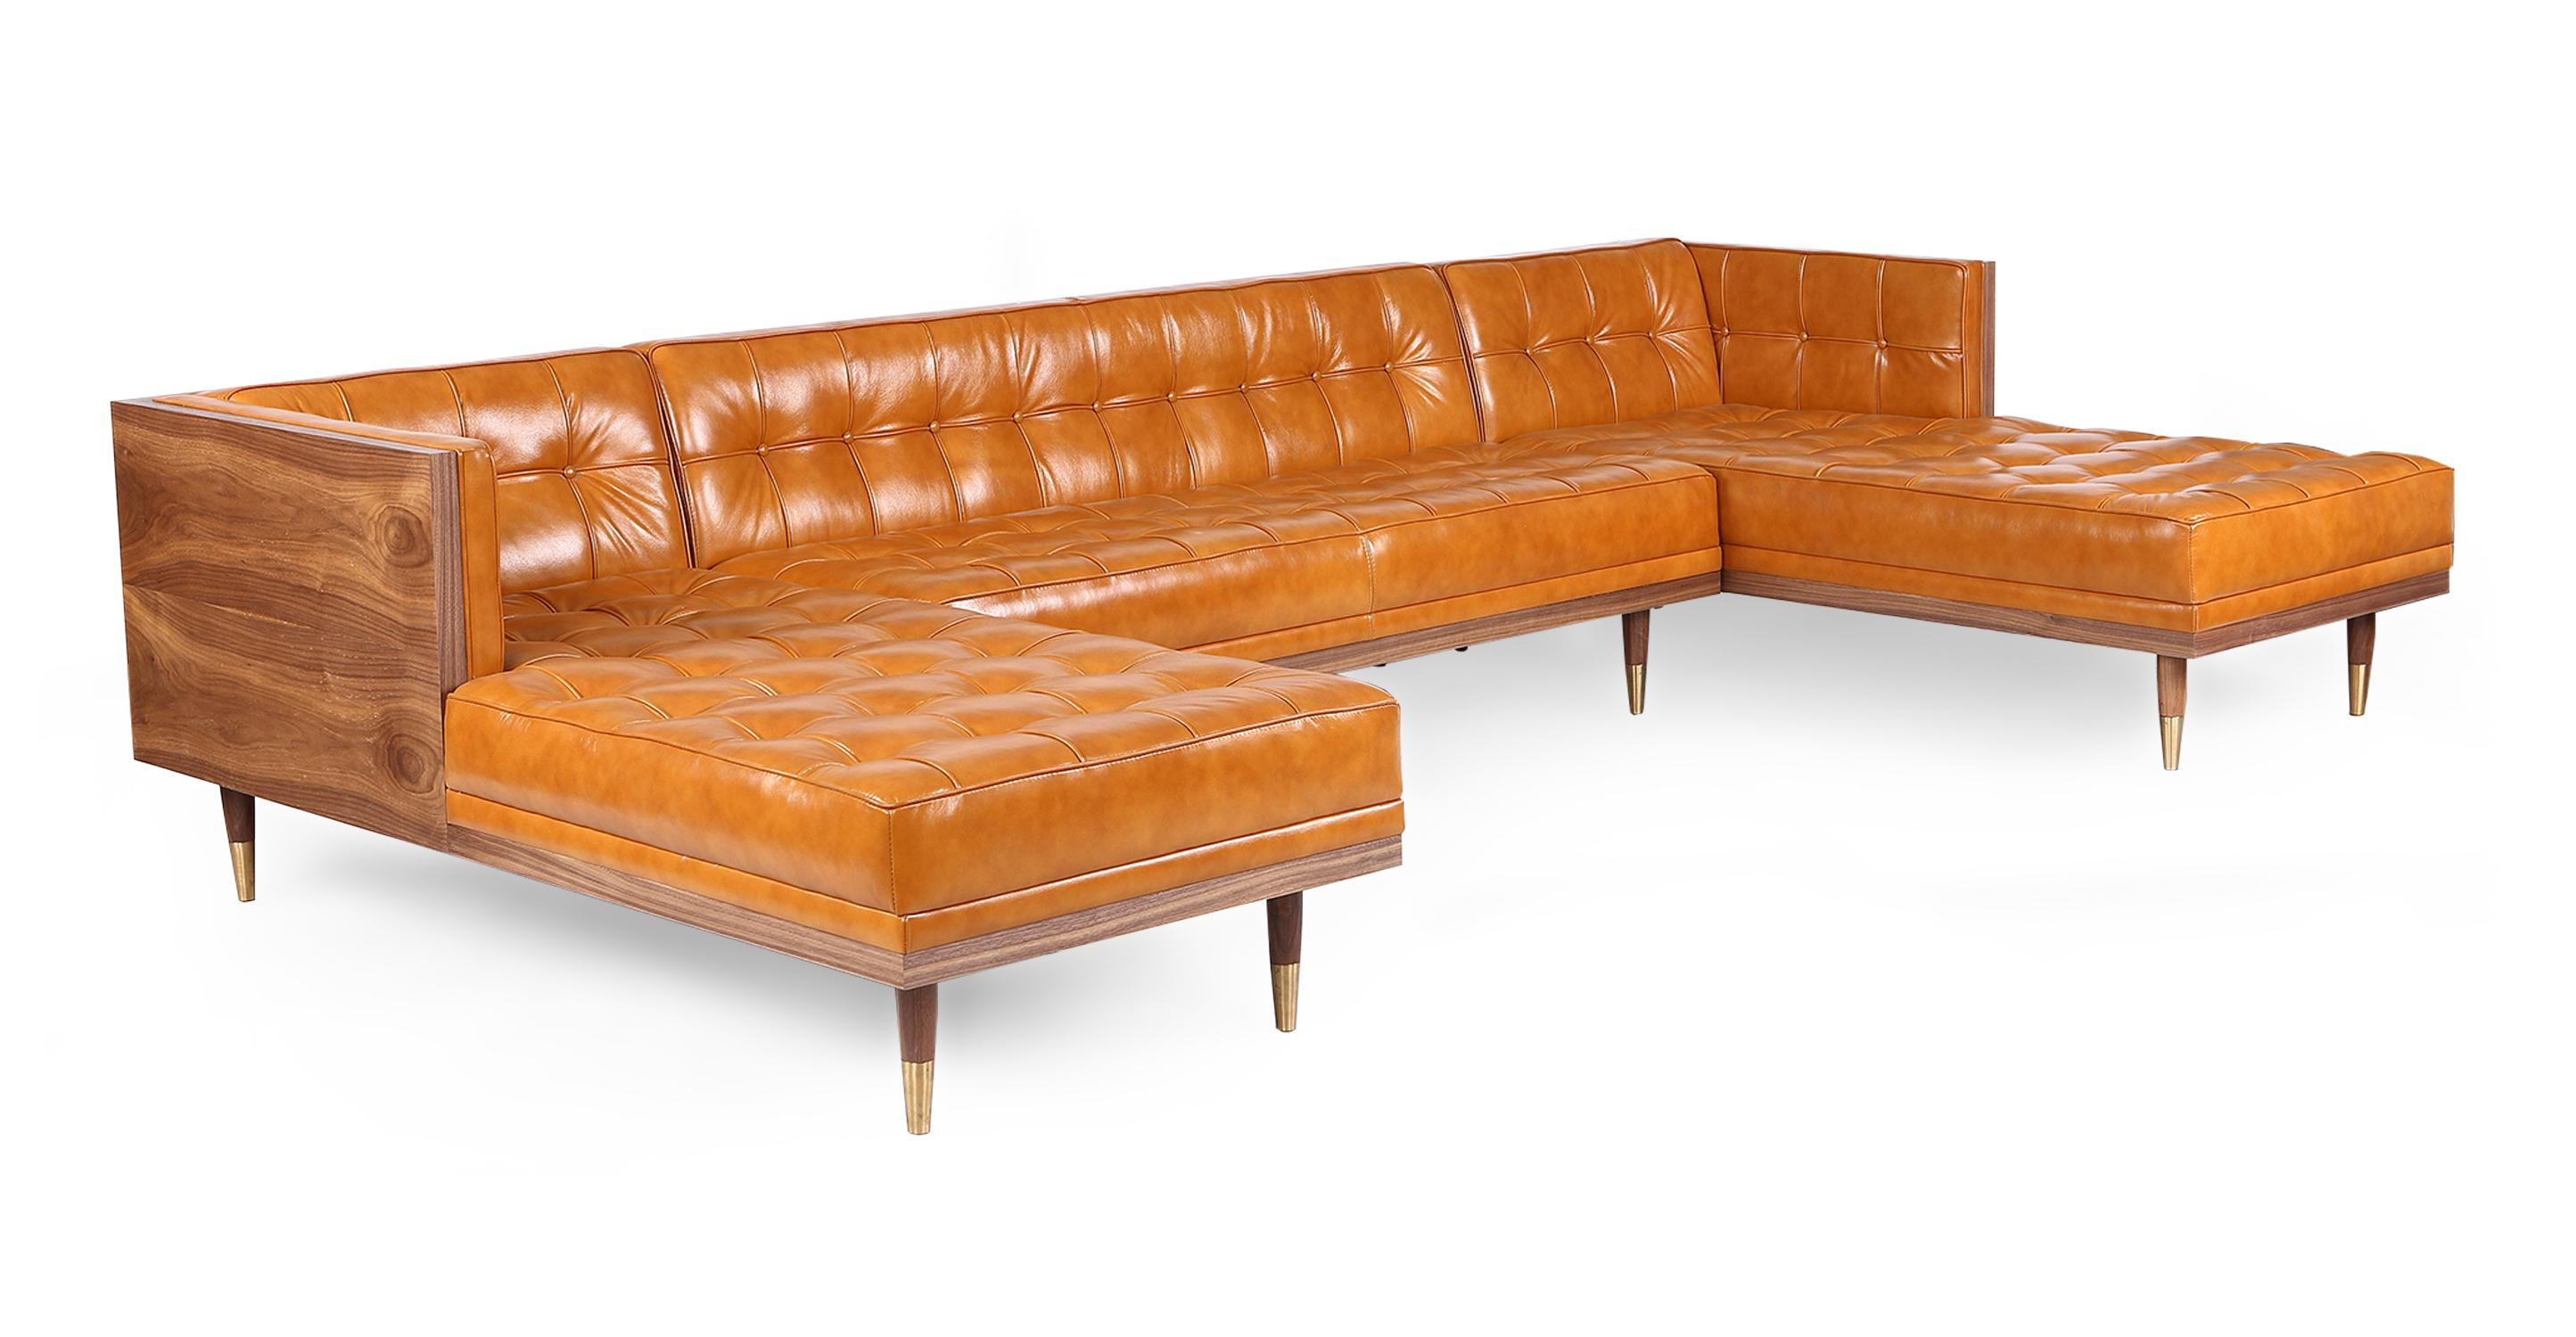 """Woodrow Box 126"""" Leather Sofa U-Sectional, Walnut/Tan Aniline"""